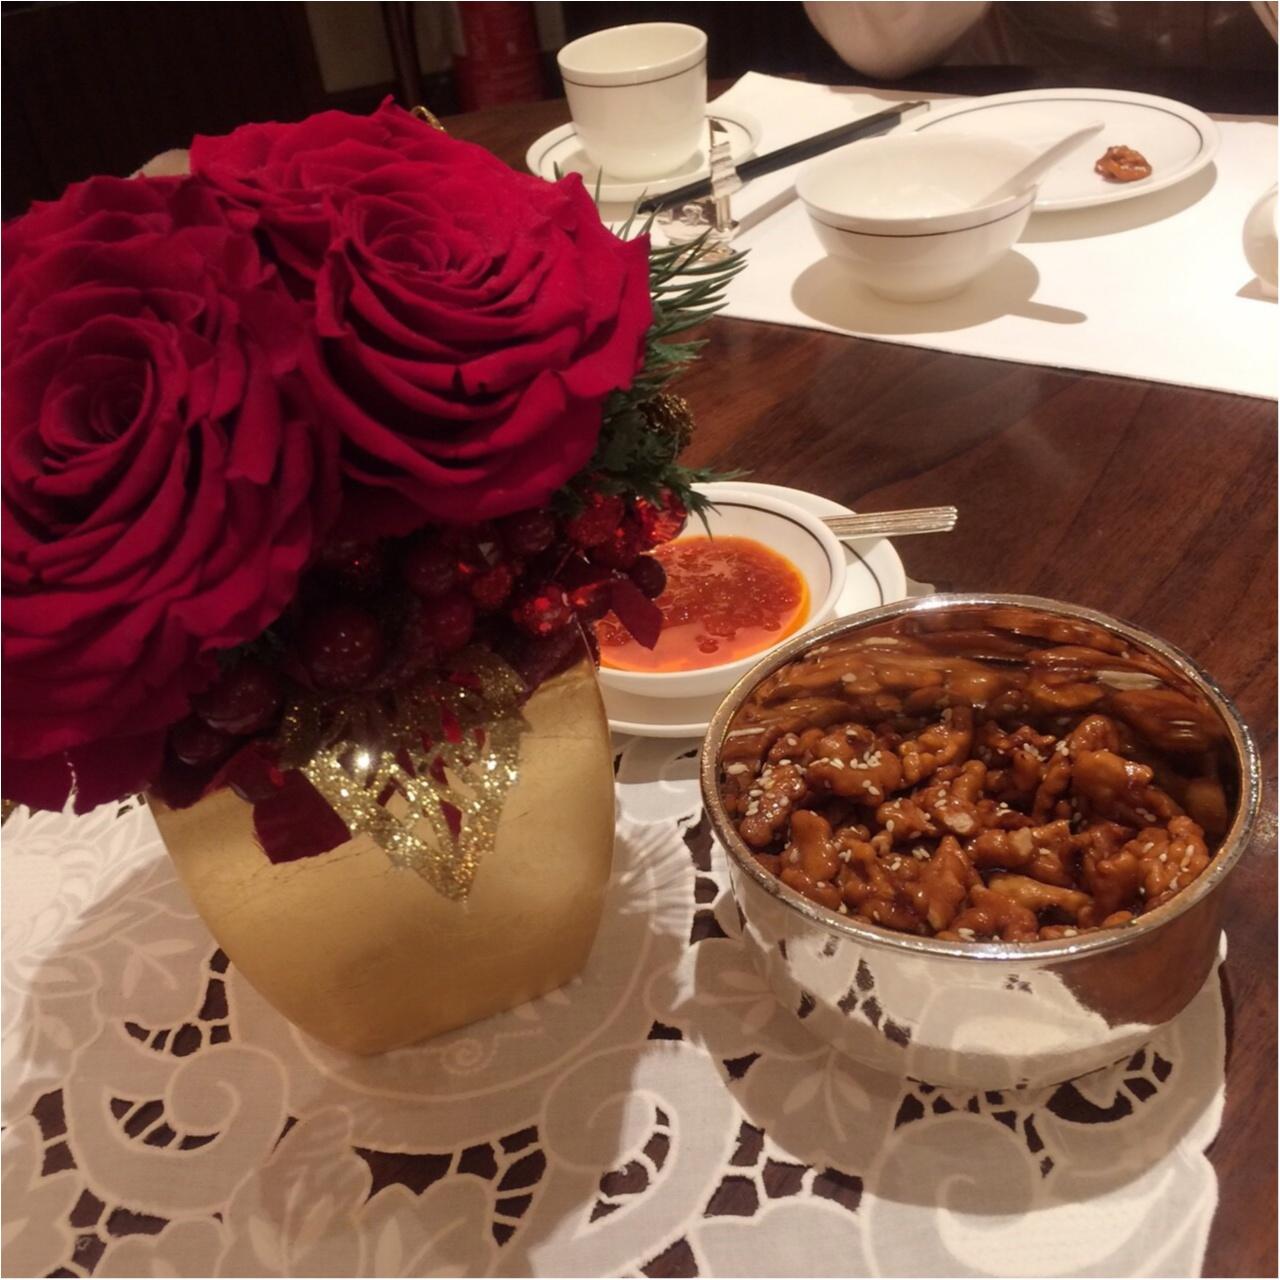 【vacation】香港のラグジュアリー飲茶ランチはThe Peninsula Hong Kongで!♡_3